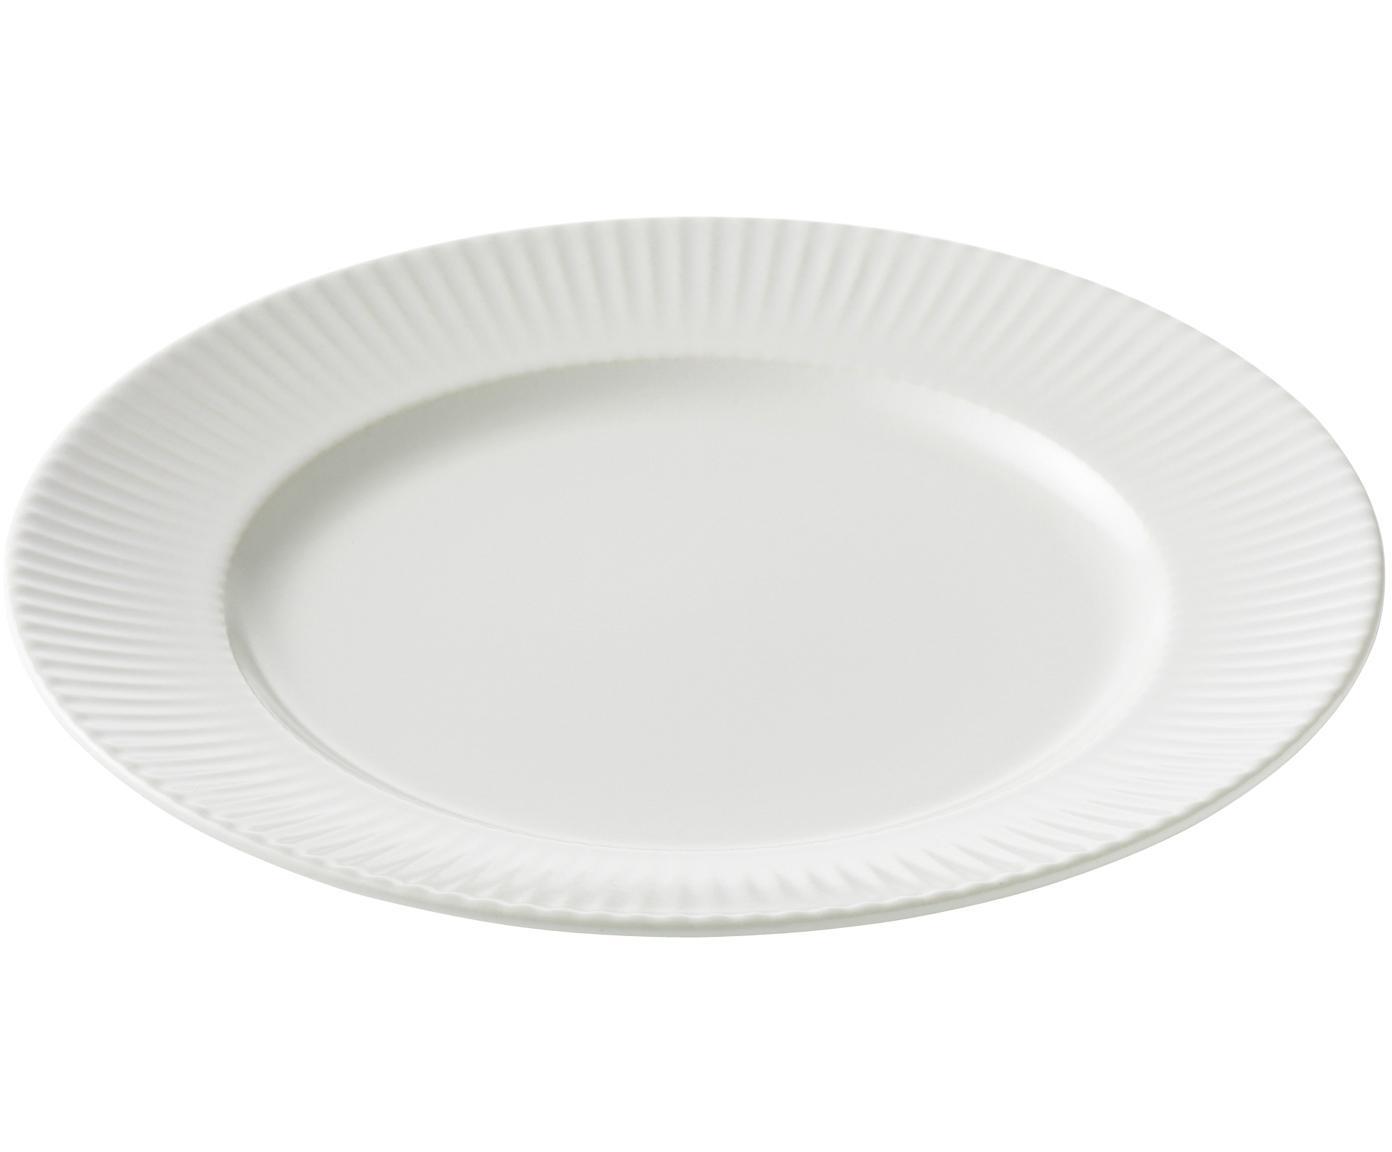 Piattino da dessert Groove 4 pz, Terracotta, Bianco, Ø 21 x Alt. 1 cm